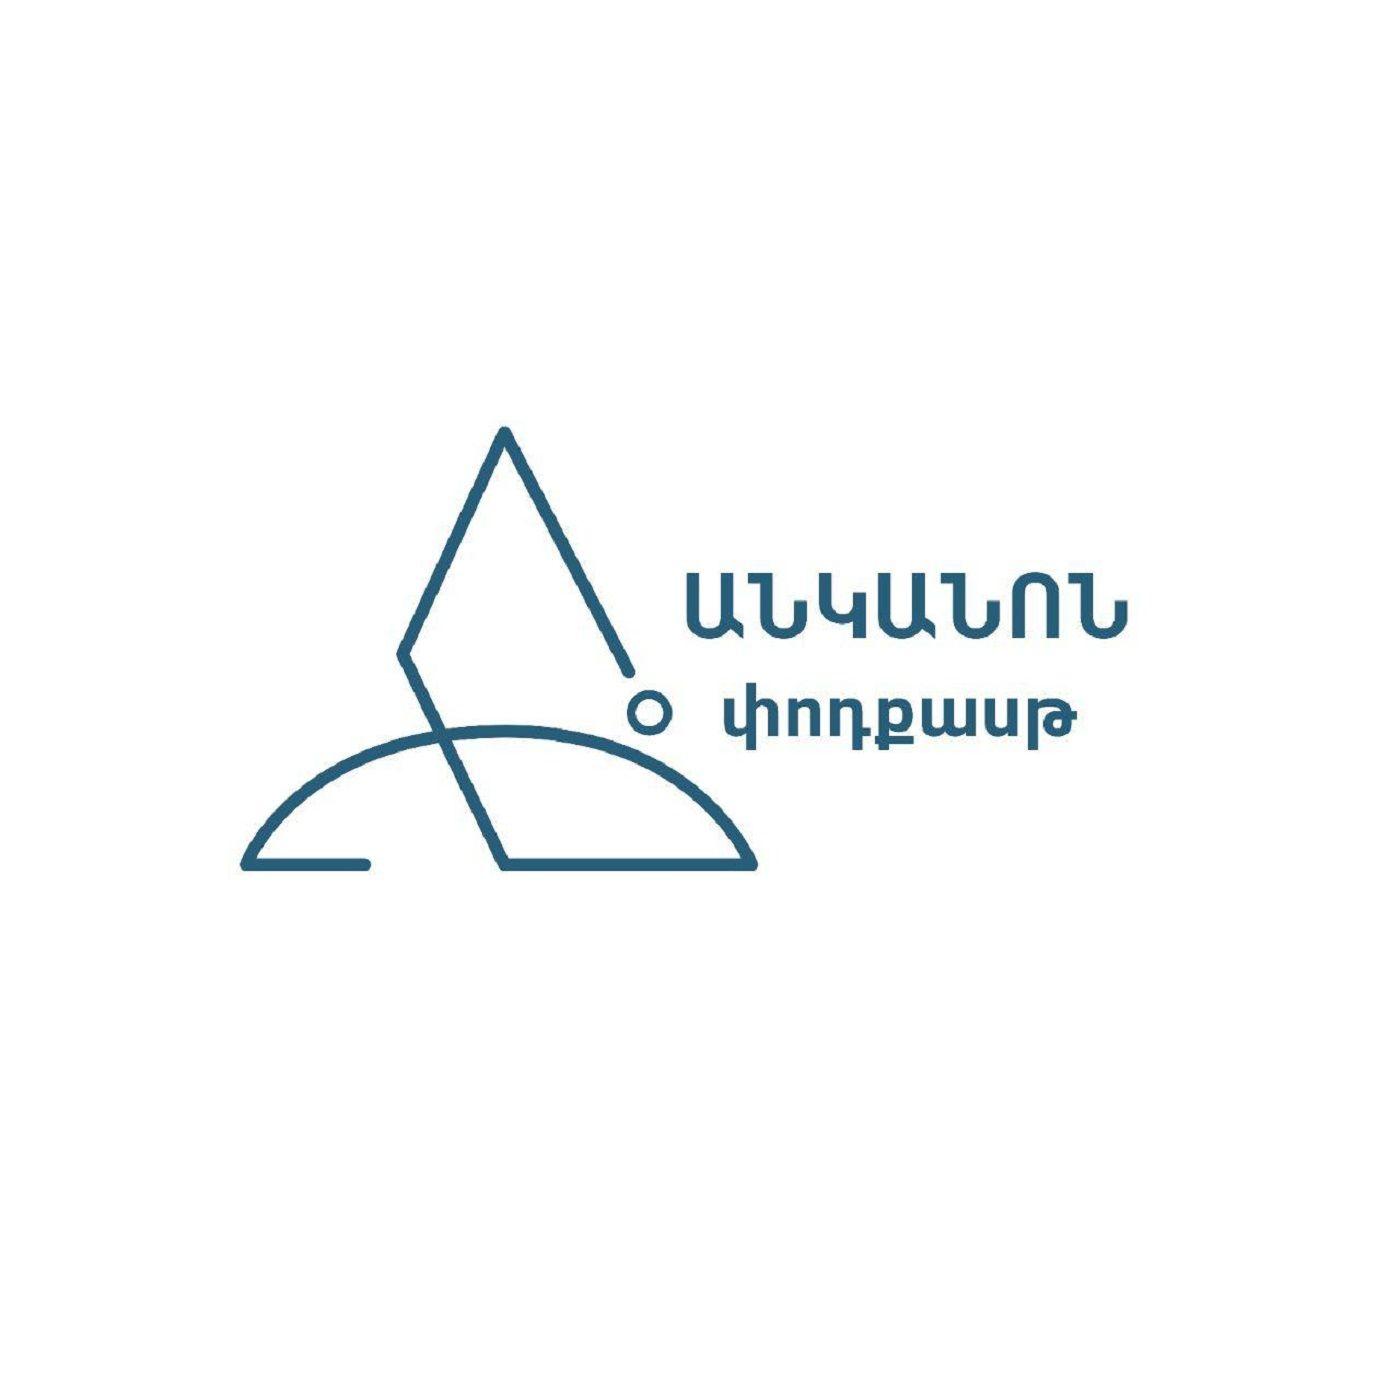 #6 Փնթի Խողովակը, հայկական փոդքասթինգն ու հայ փոդքասթերները